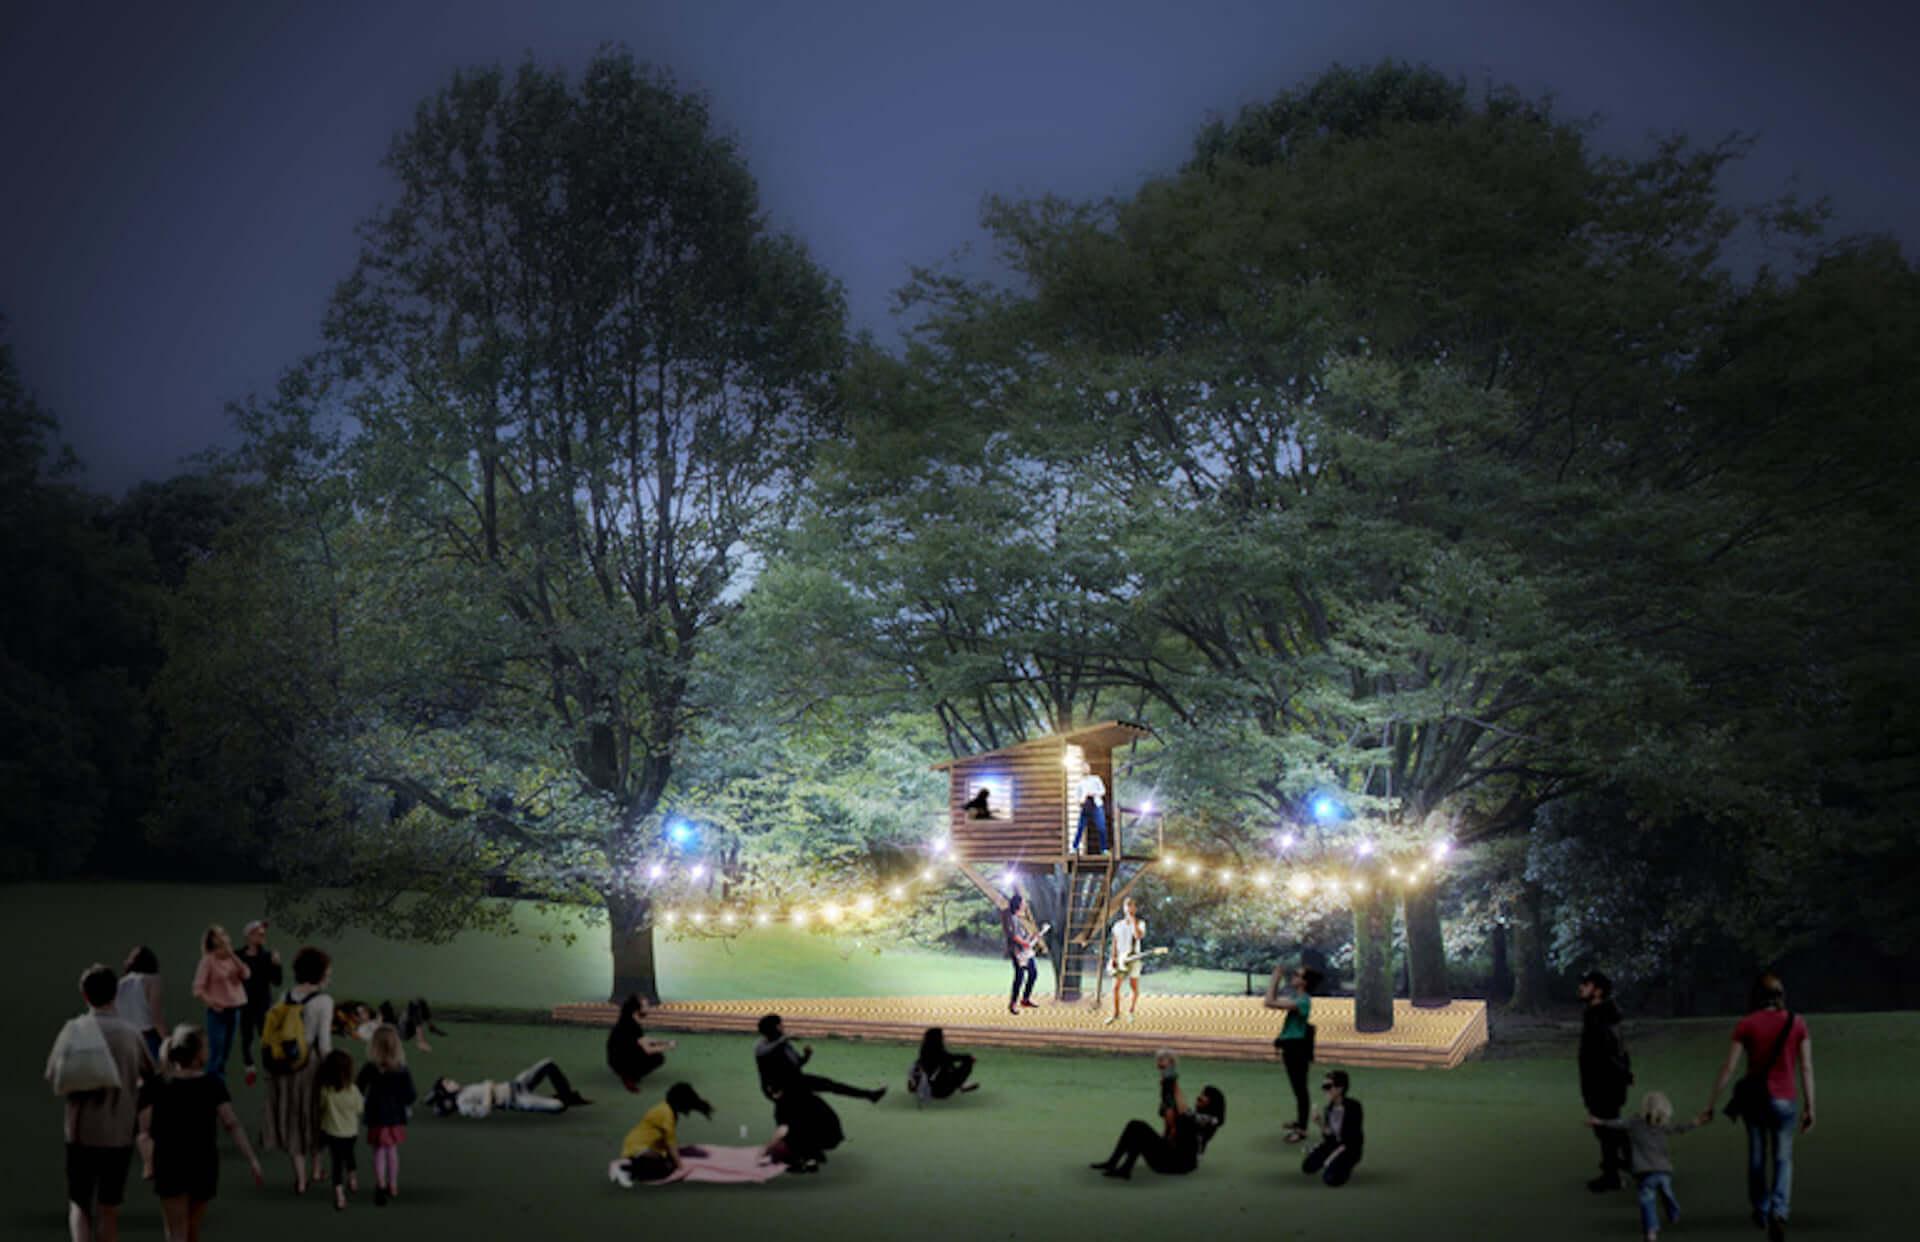 静岡の泊まれる公園「INN THE PARK」が野外ステージ設置クラウドファンディングを実施中!Tシャツや宿泊券などリターン多数 art200717_innthepark_15-1920x1242